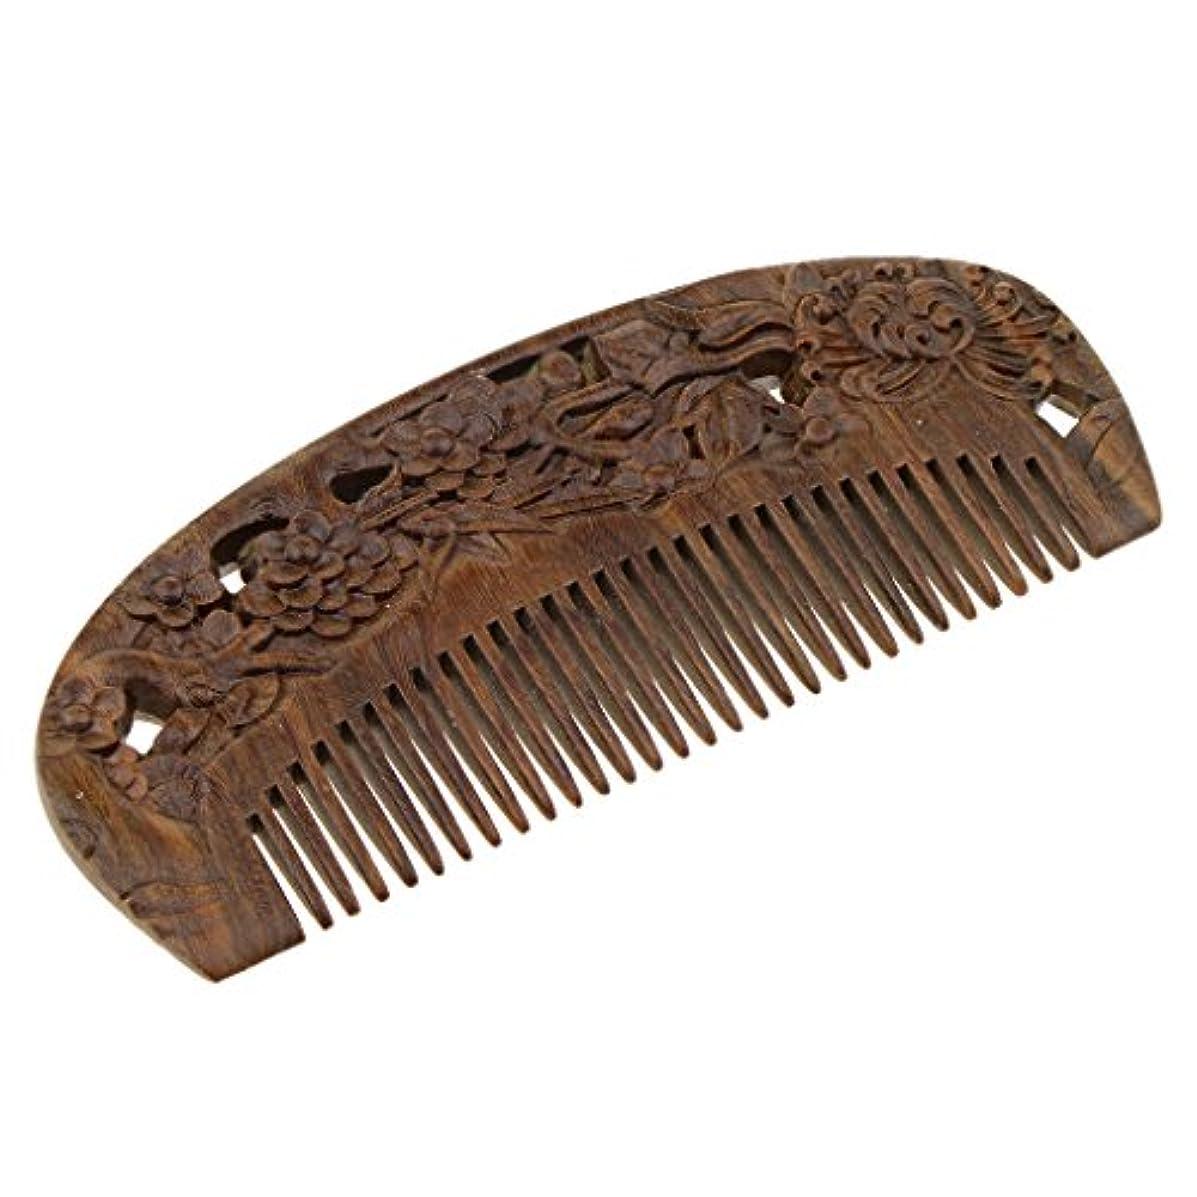 陪審小間利得ヘアコーム 木製櫛 頭皮マッサージ 櫛 ヘアスタイリング 高品質 2タイプ選べる - #2